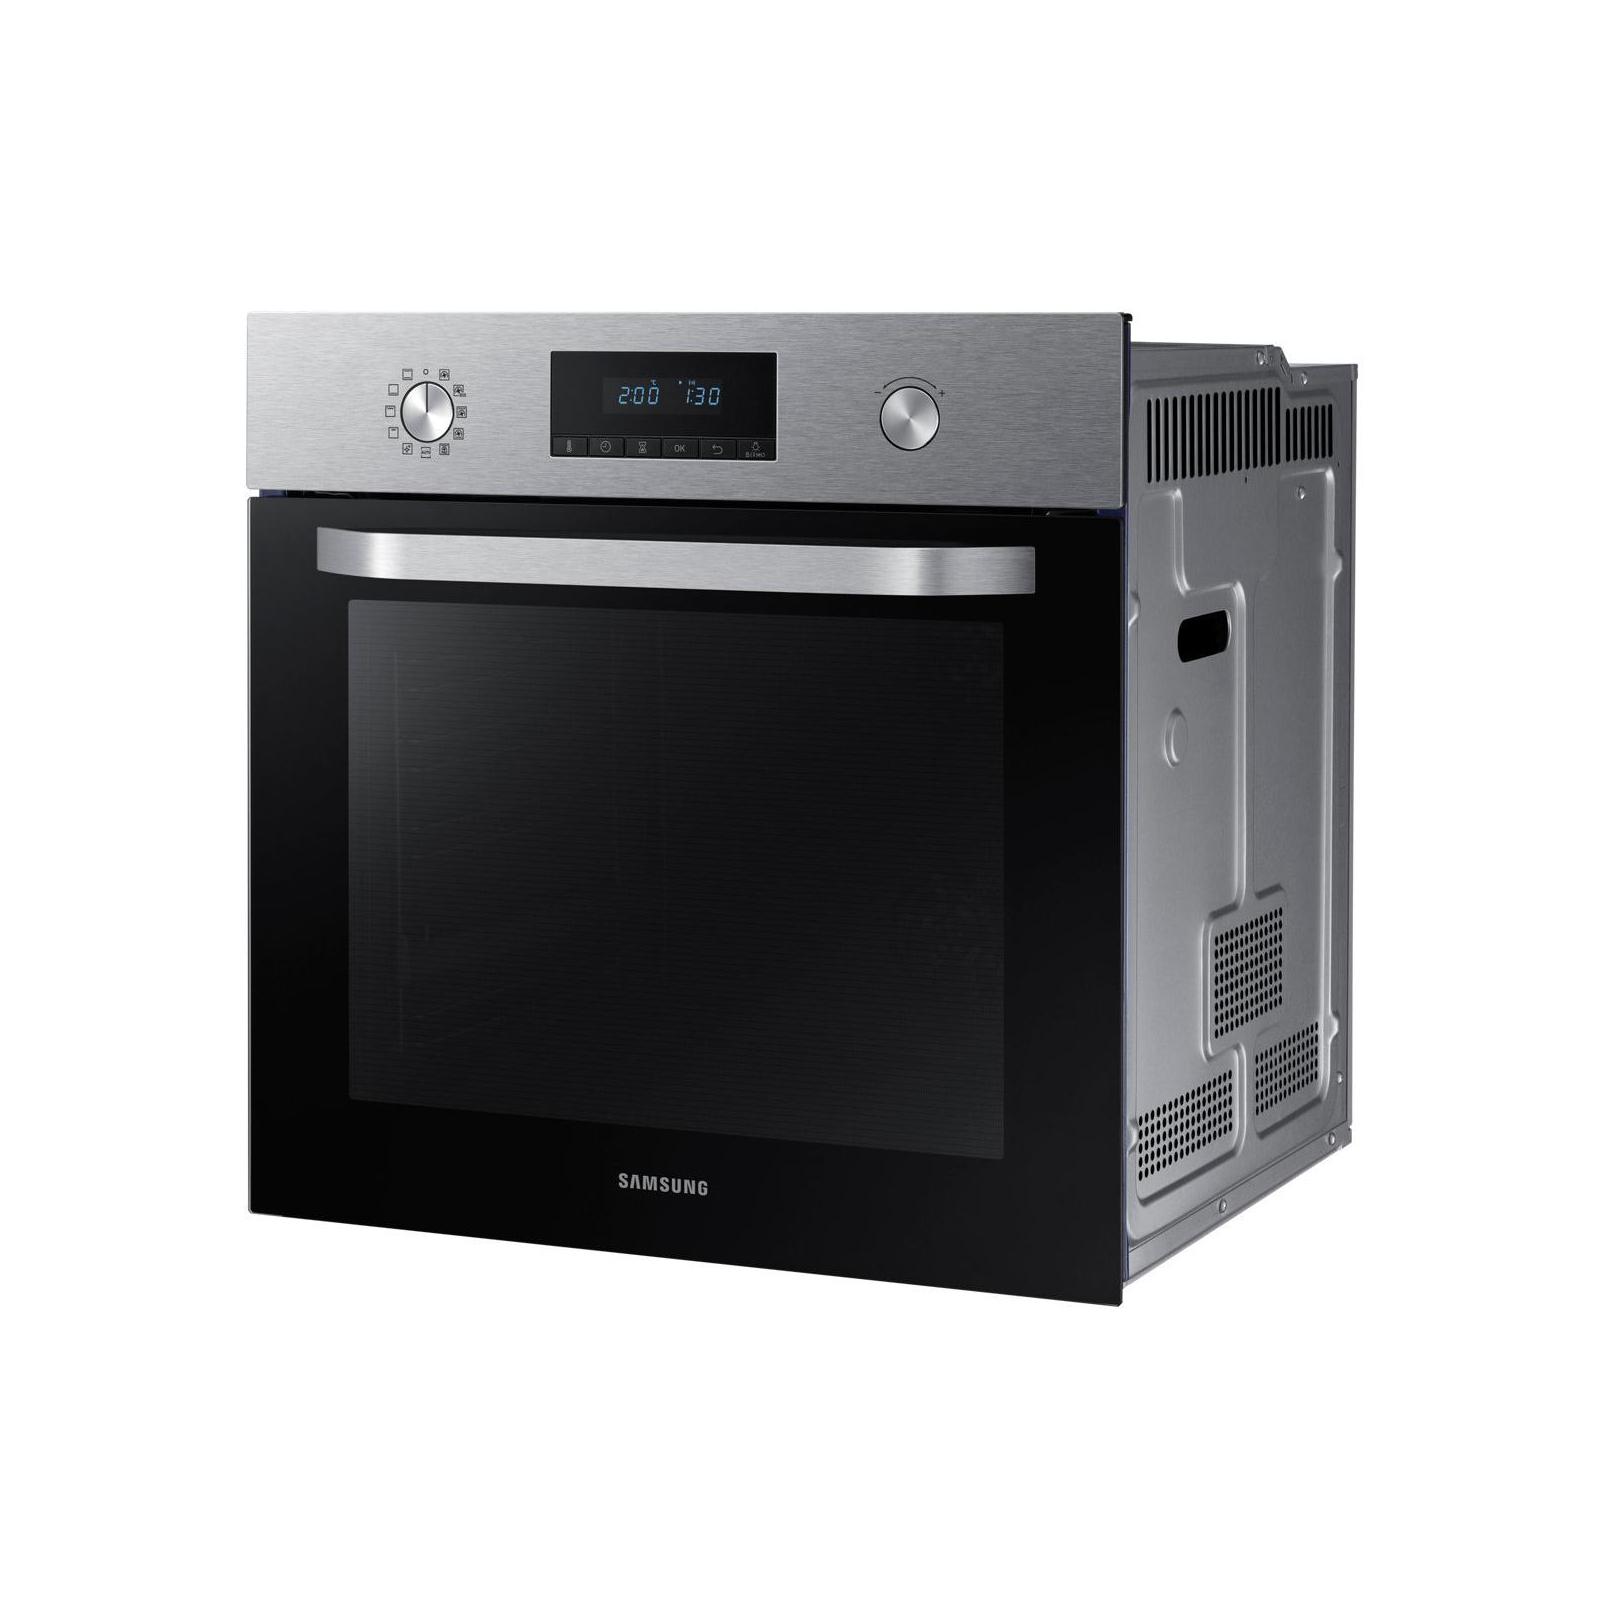 Духовой шкаф Samsung NV70K2340RS/WT изображение 3